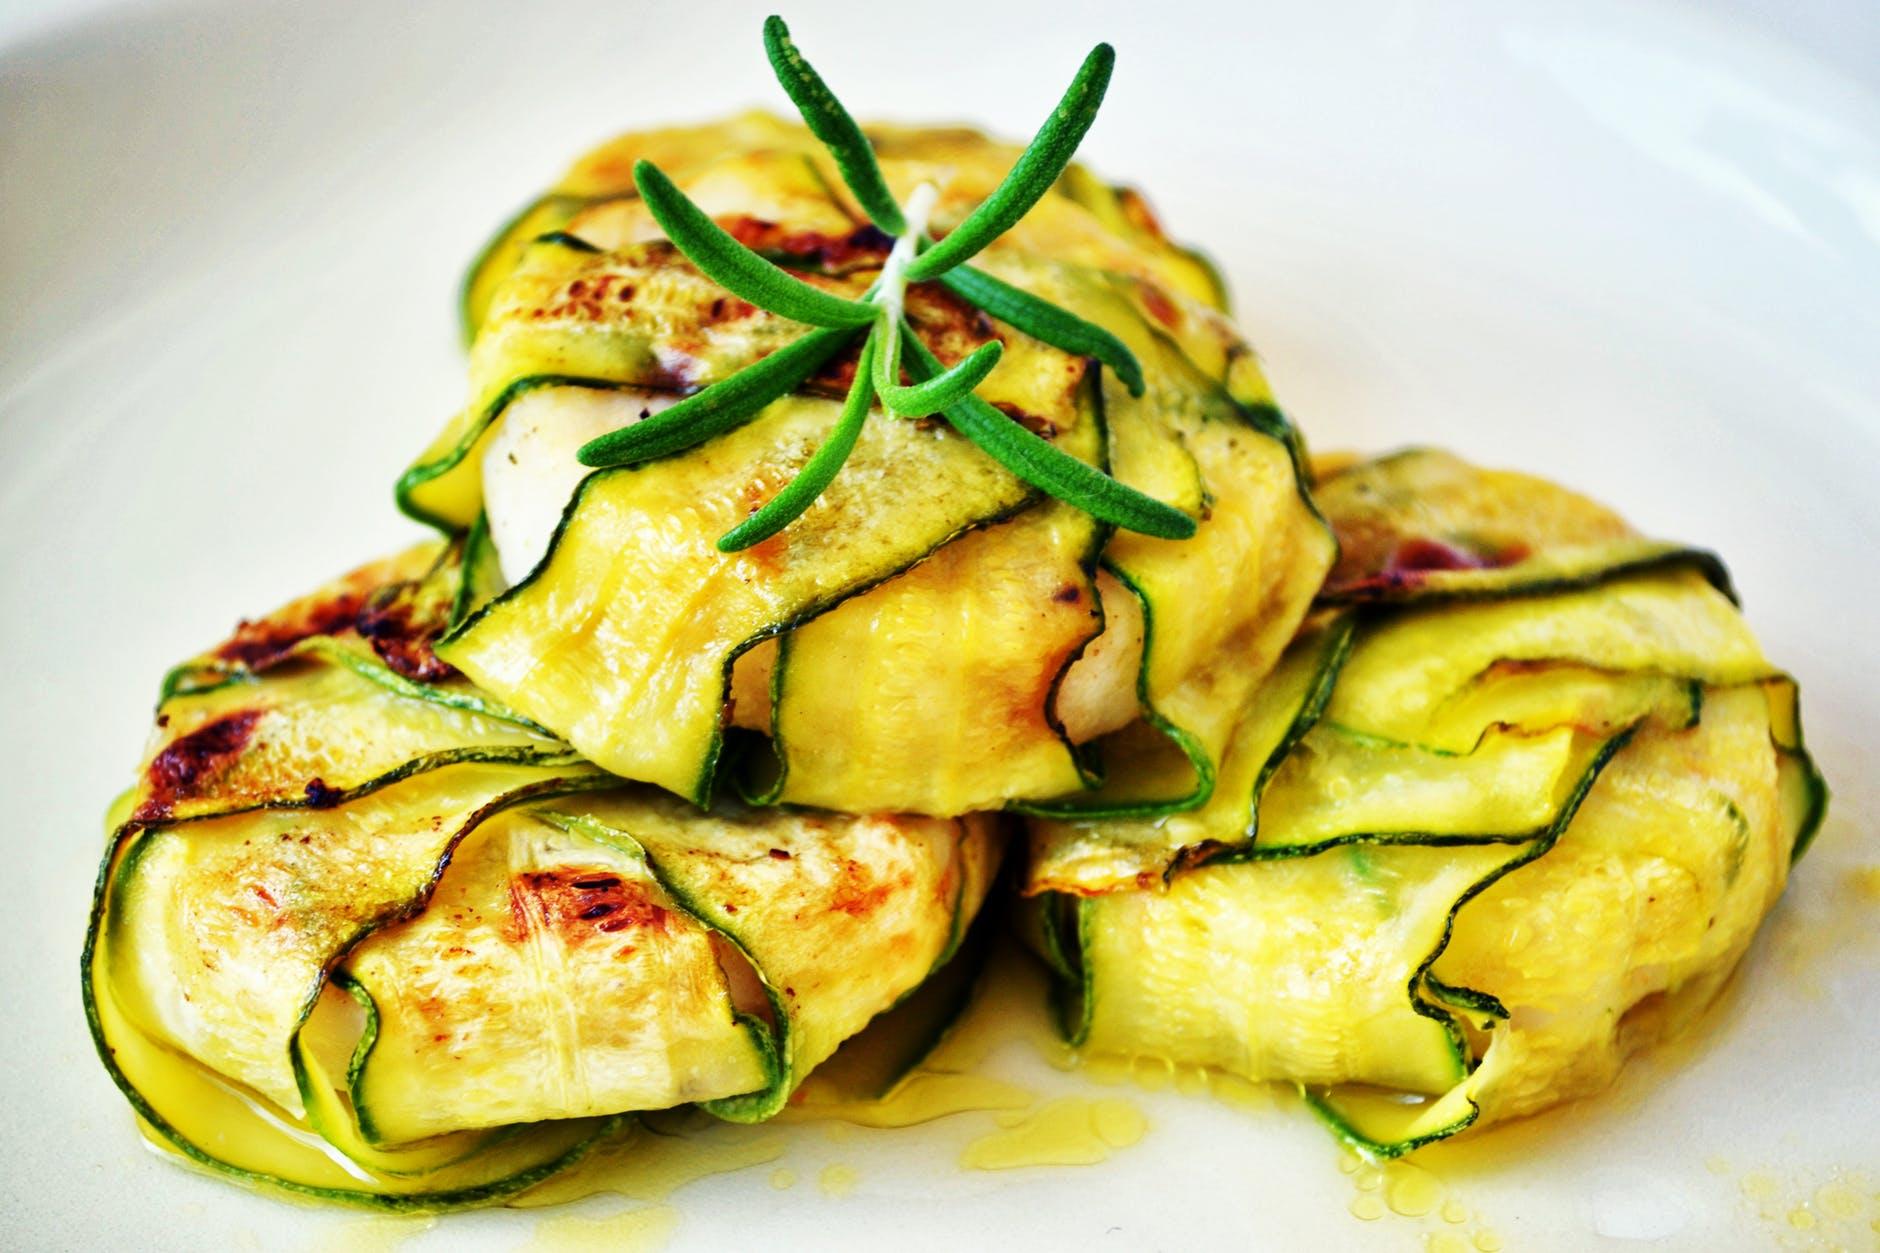 zucchinii.jpg